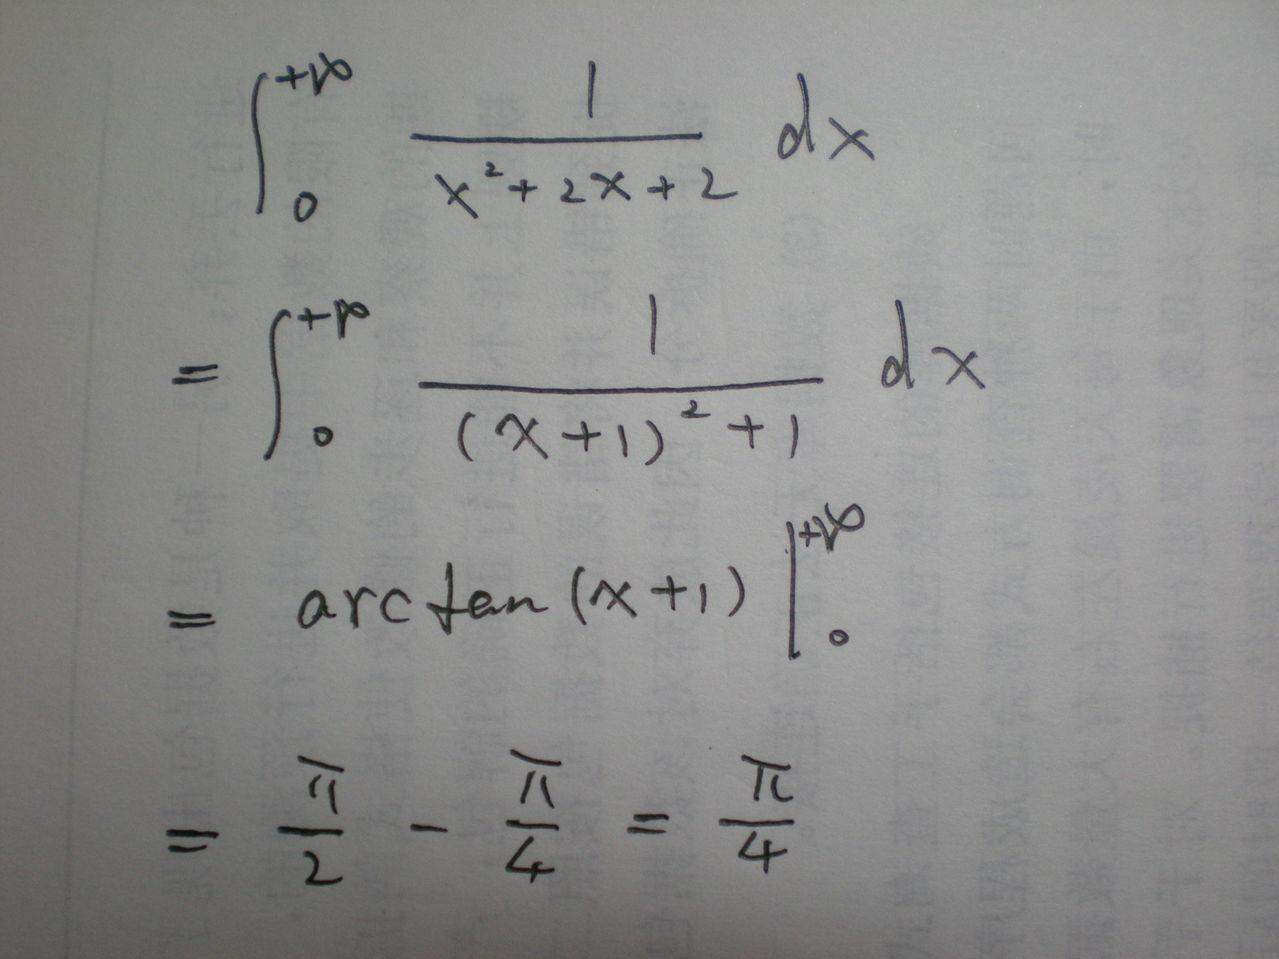 数学定积分计算,会的来